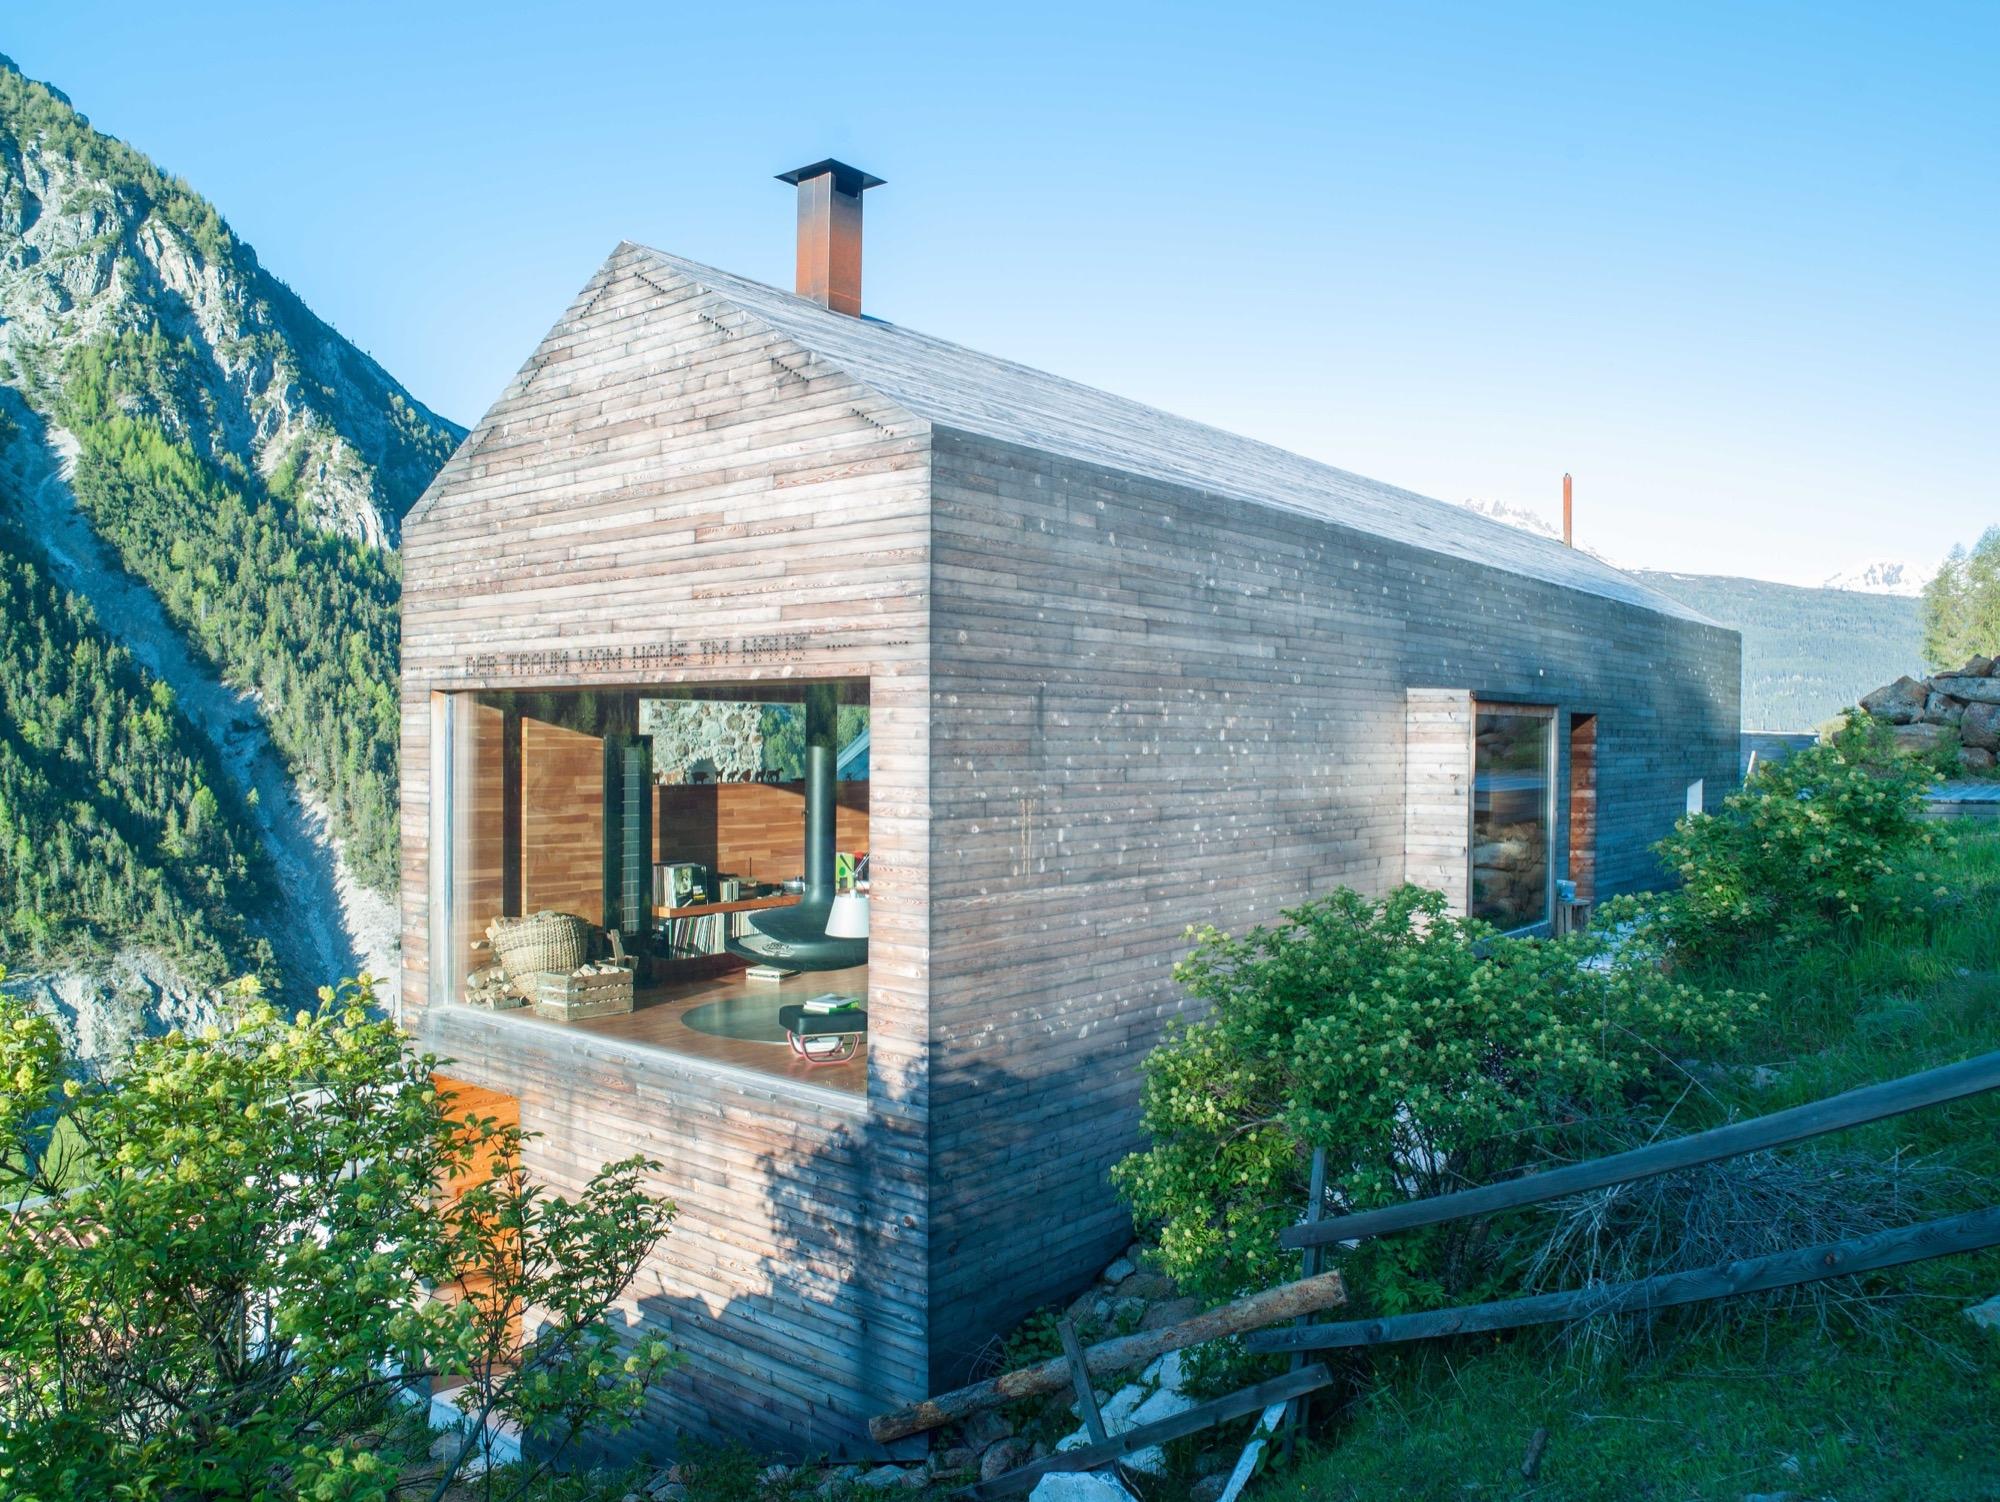 Window South Tyrol Othmar Prenn - thetreemag   ello